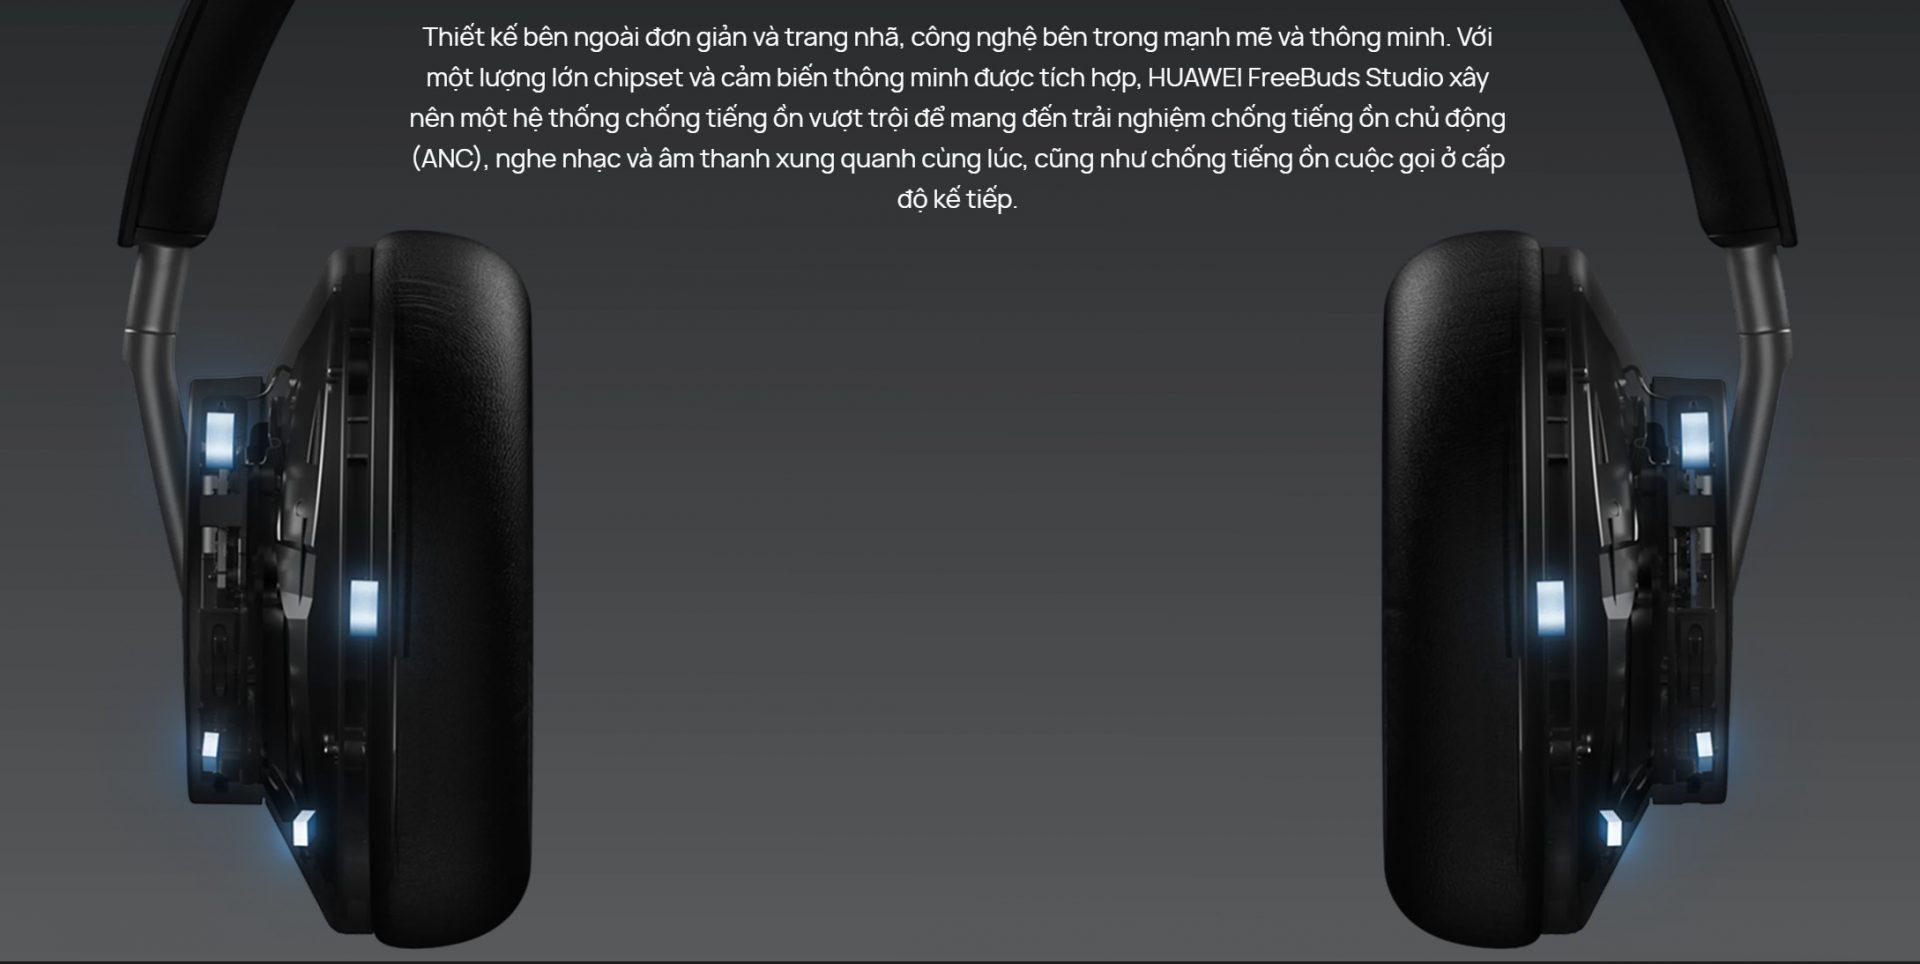 Tai nghe Huawei freebuds studio chống ồn thông minh